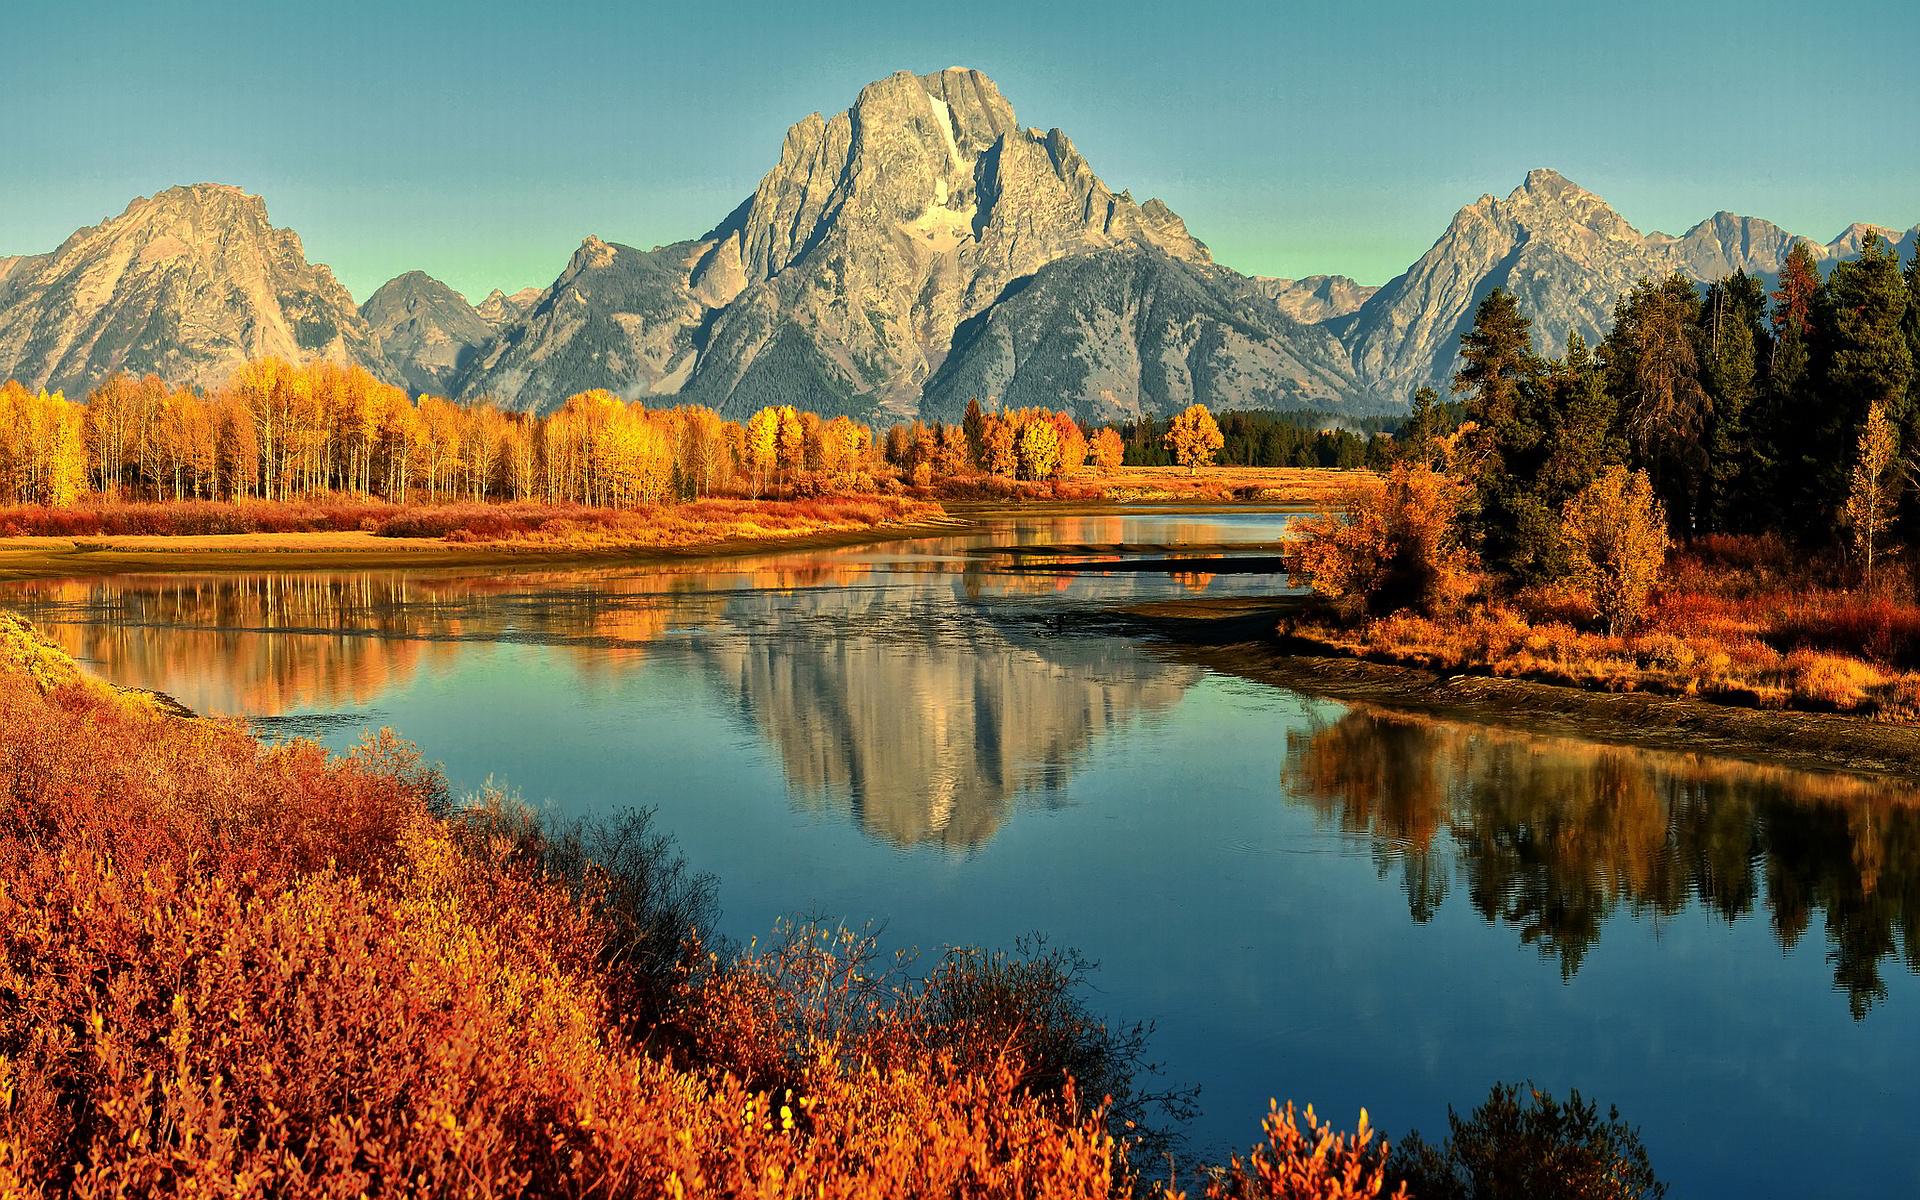 Autumn River Wallpaper 60491 1920x1200 px ~ HDWallSource.com